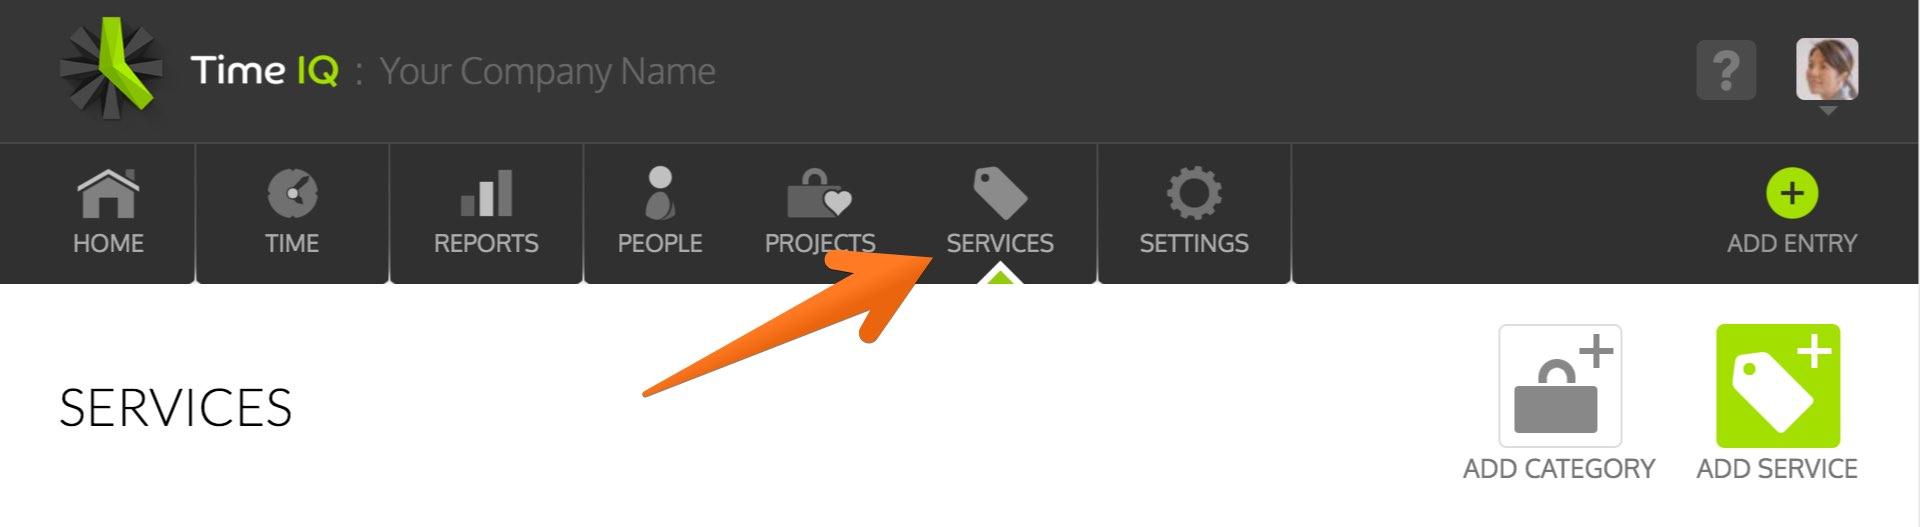 services_01_click_services_nav